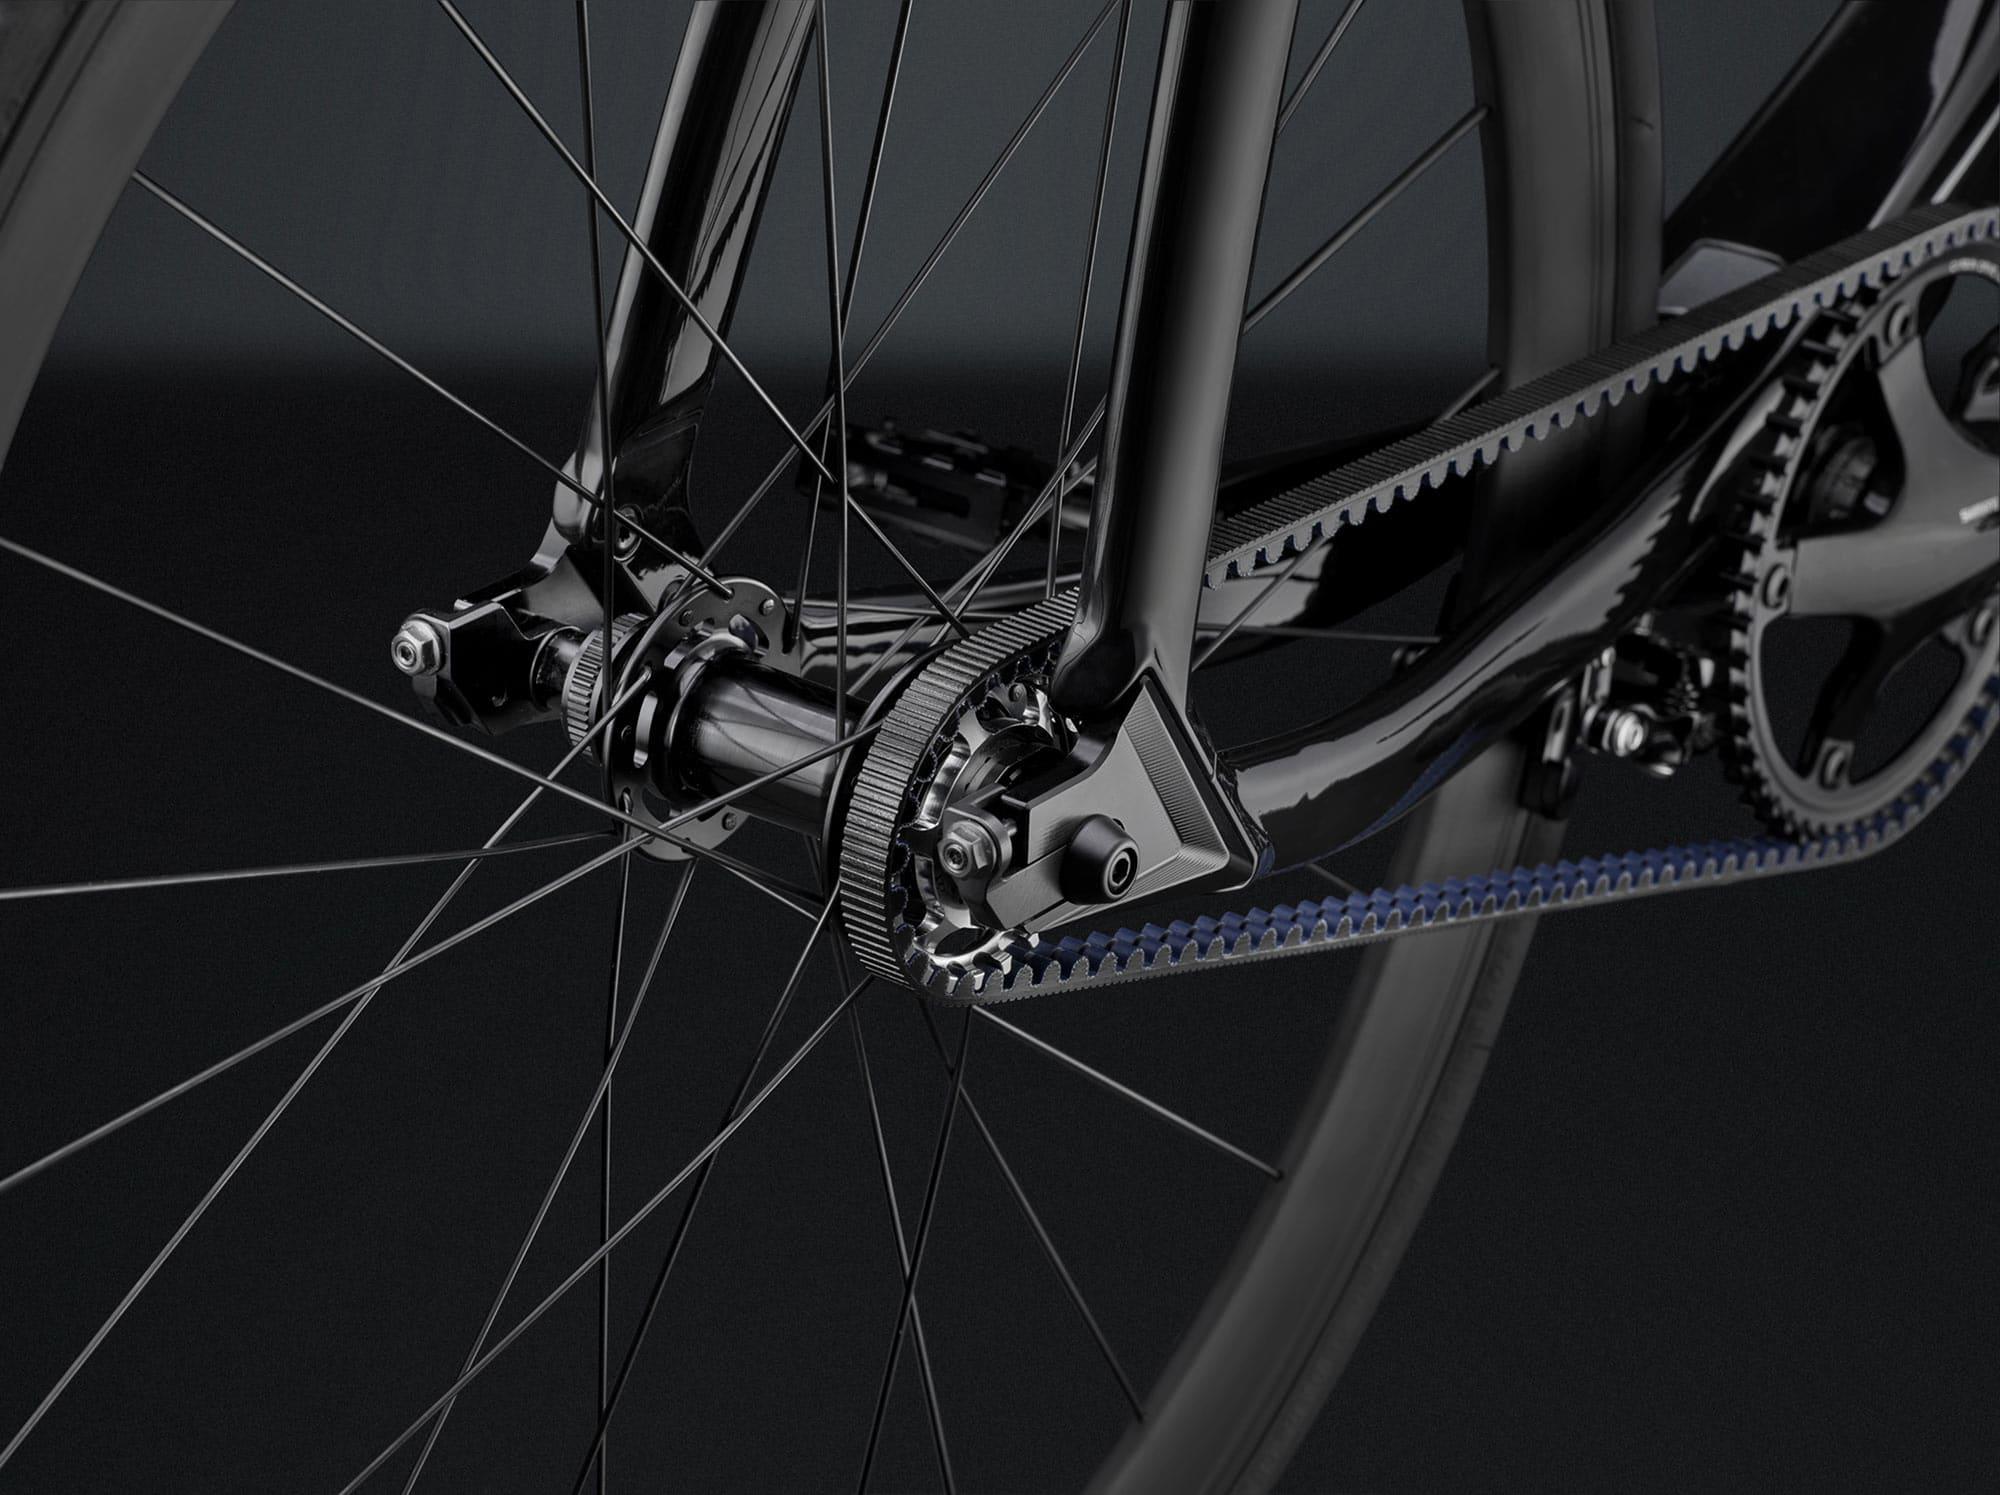 Dettaglio Ruota Bicicletta by Rizoma Automitive Shot by Fotografando